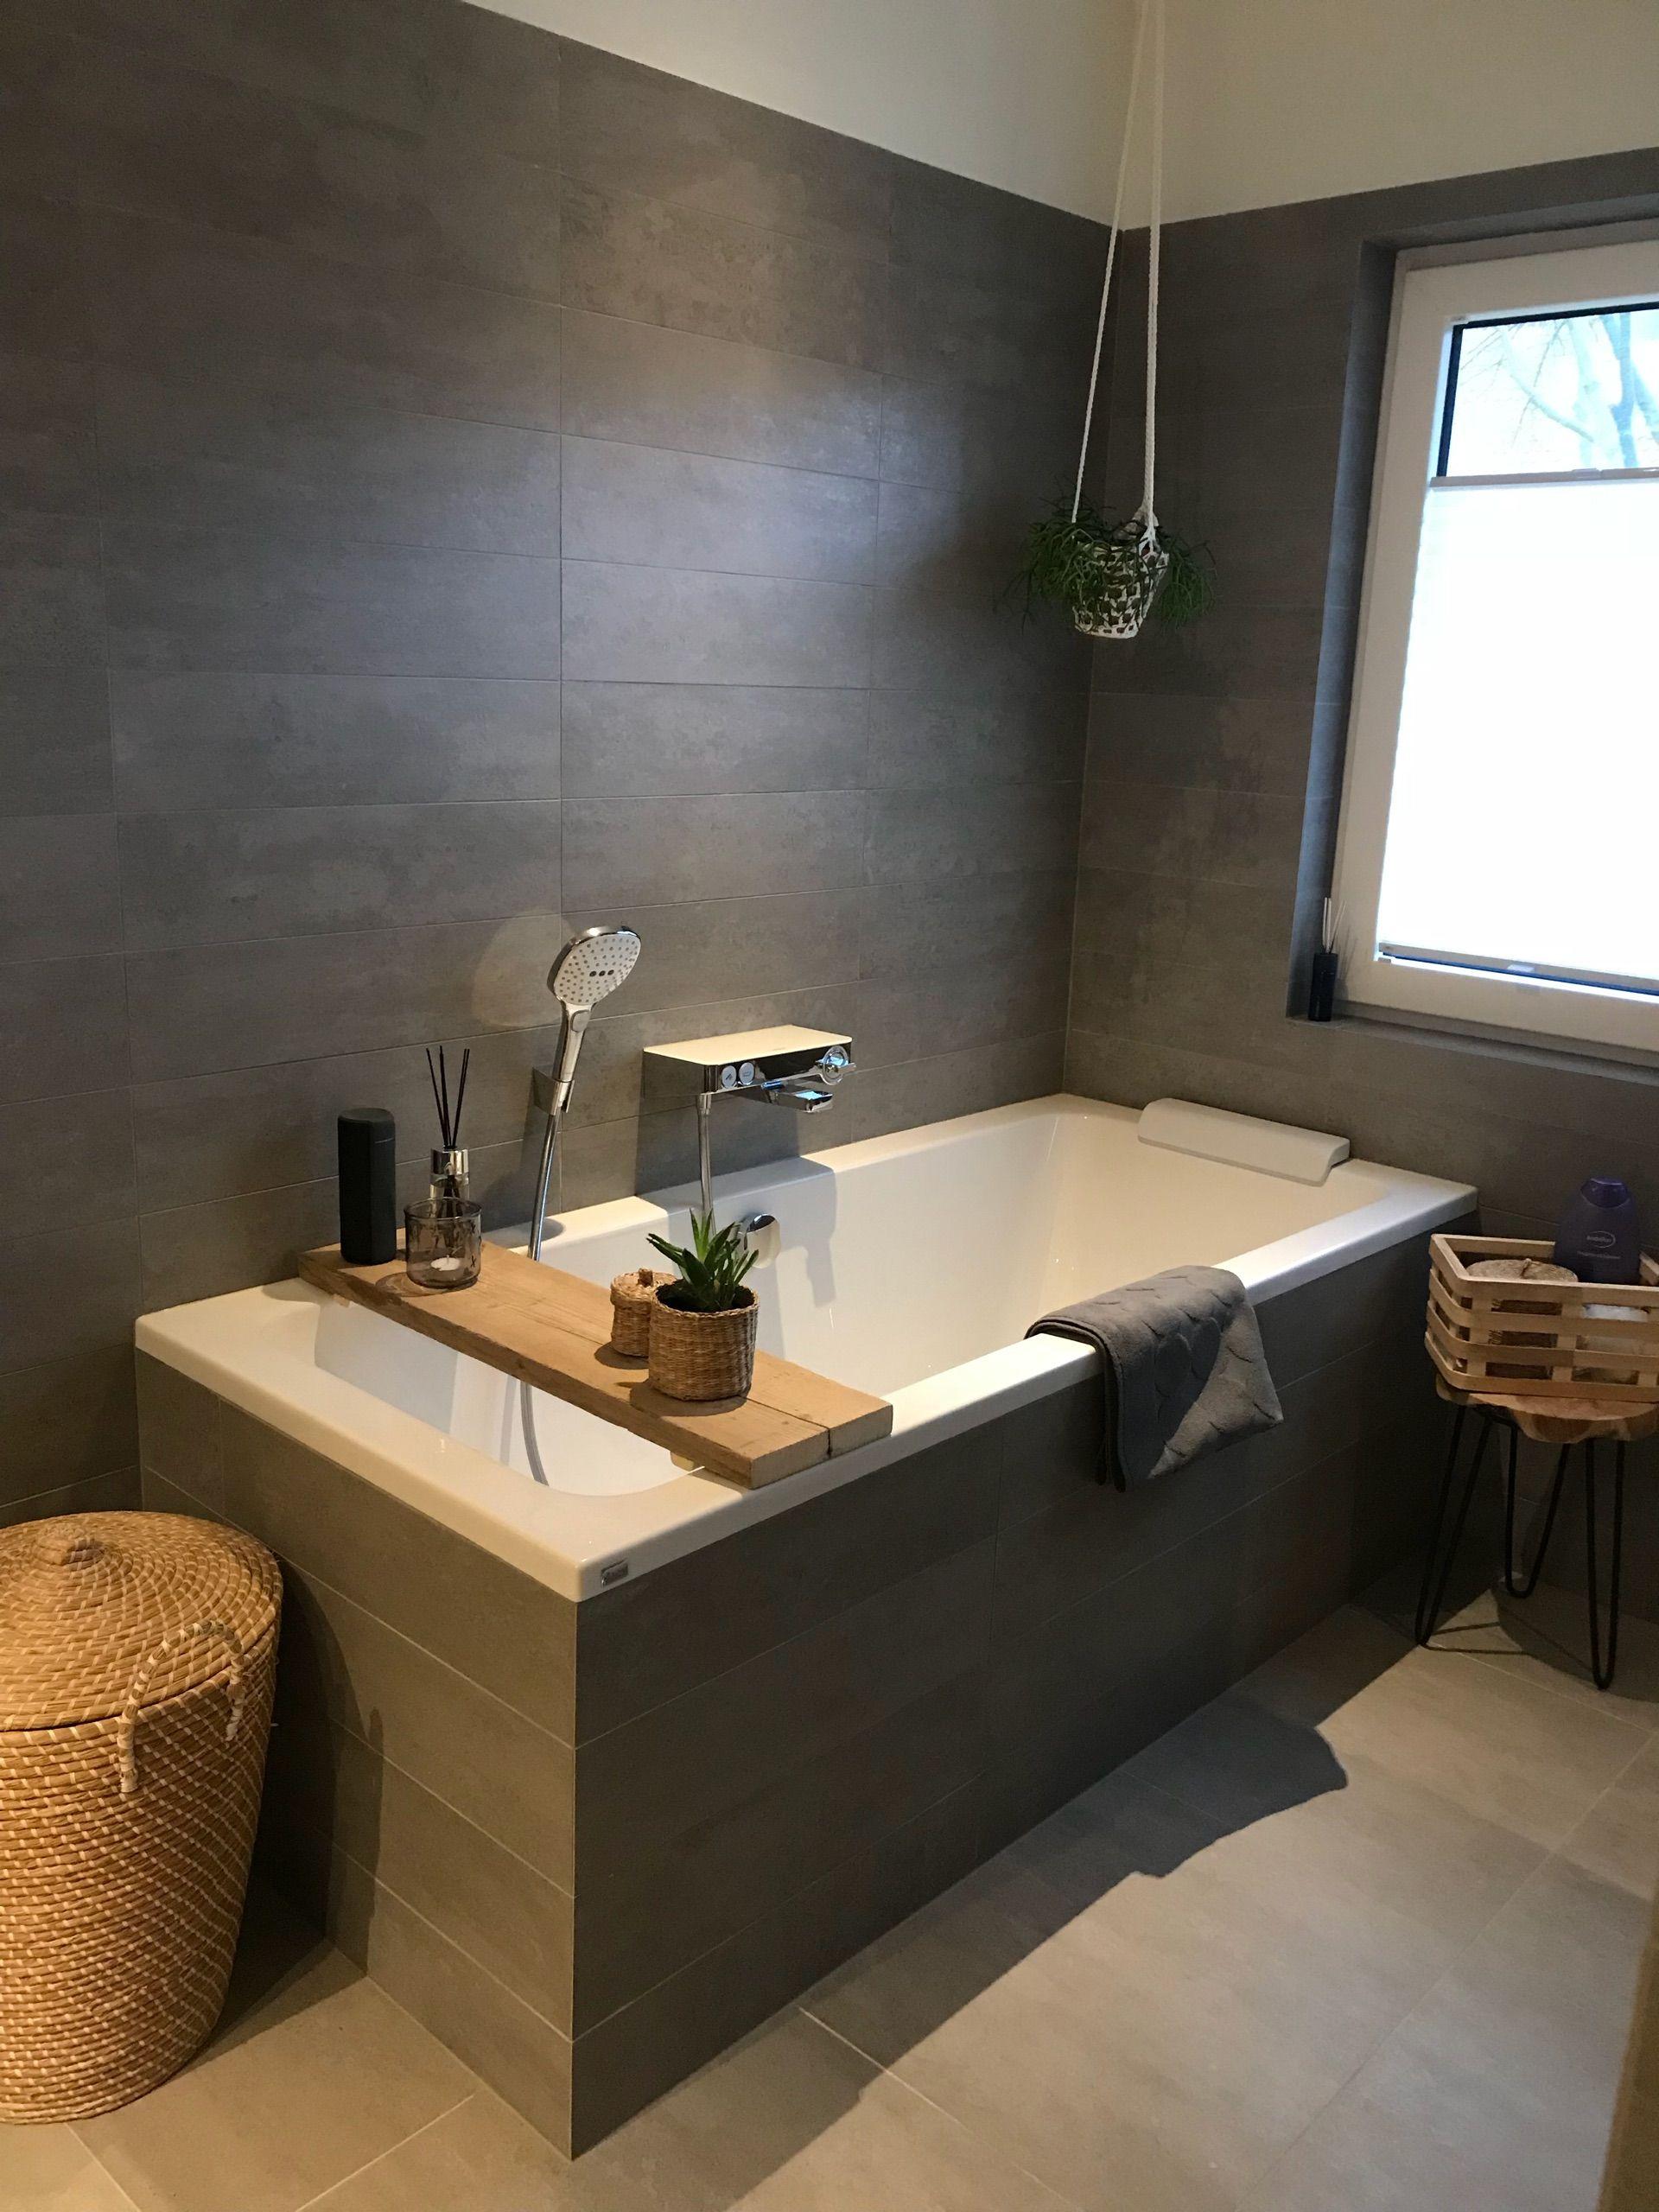 Badkamer - Binnenkijken bij geerteke | Design | Pinterest | Modern ...